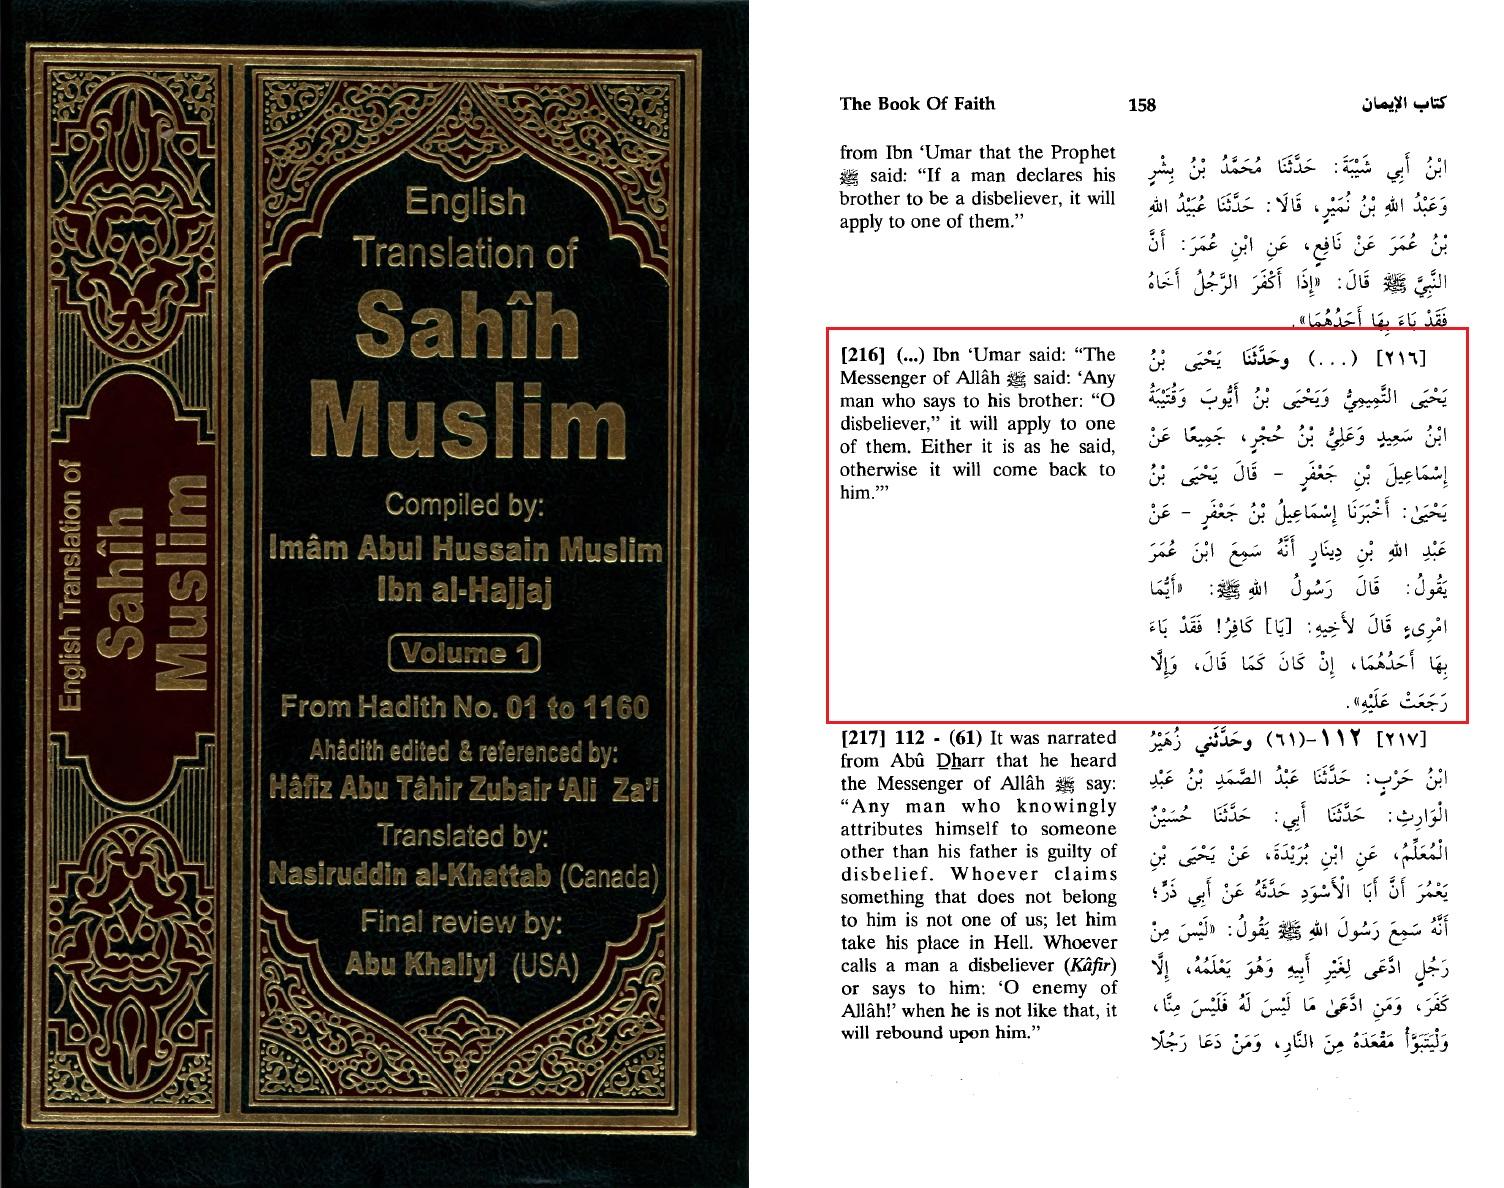 sahih-e moslem b 1 s 158 h 216